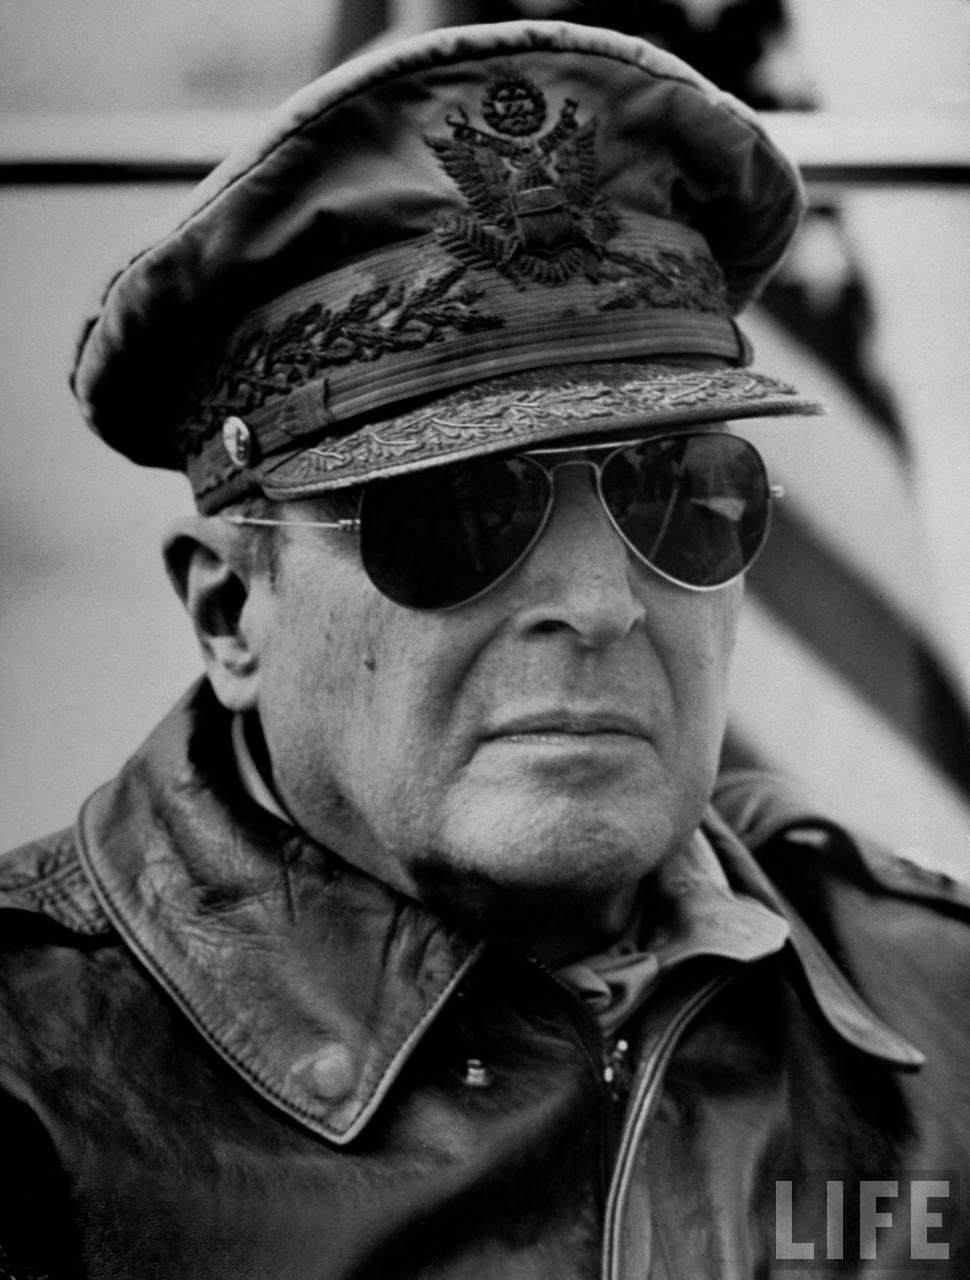 Douglas MacArthur con Gafas de aviador